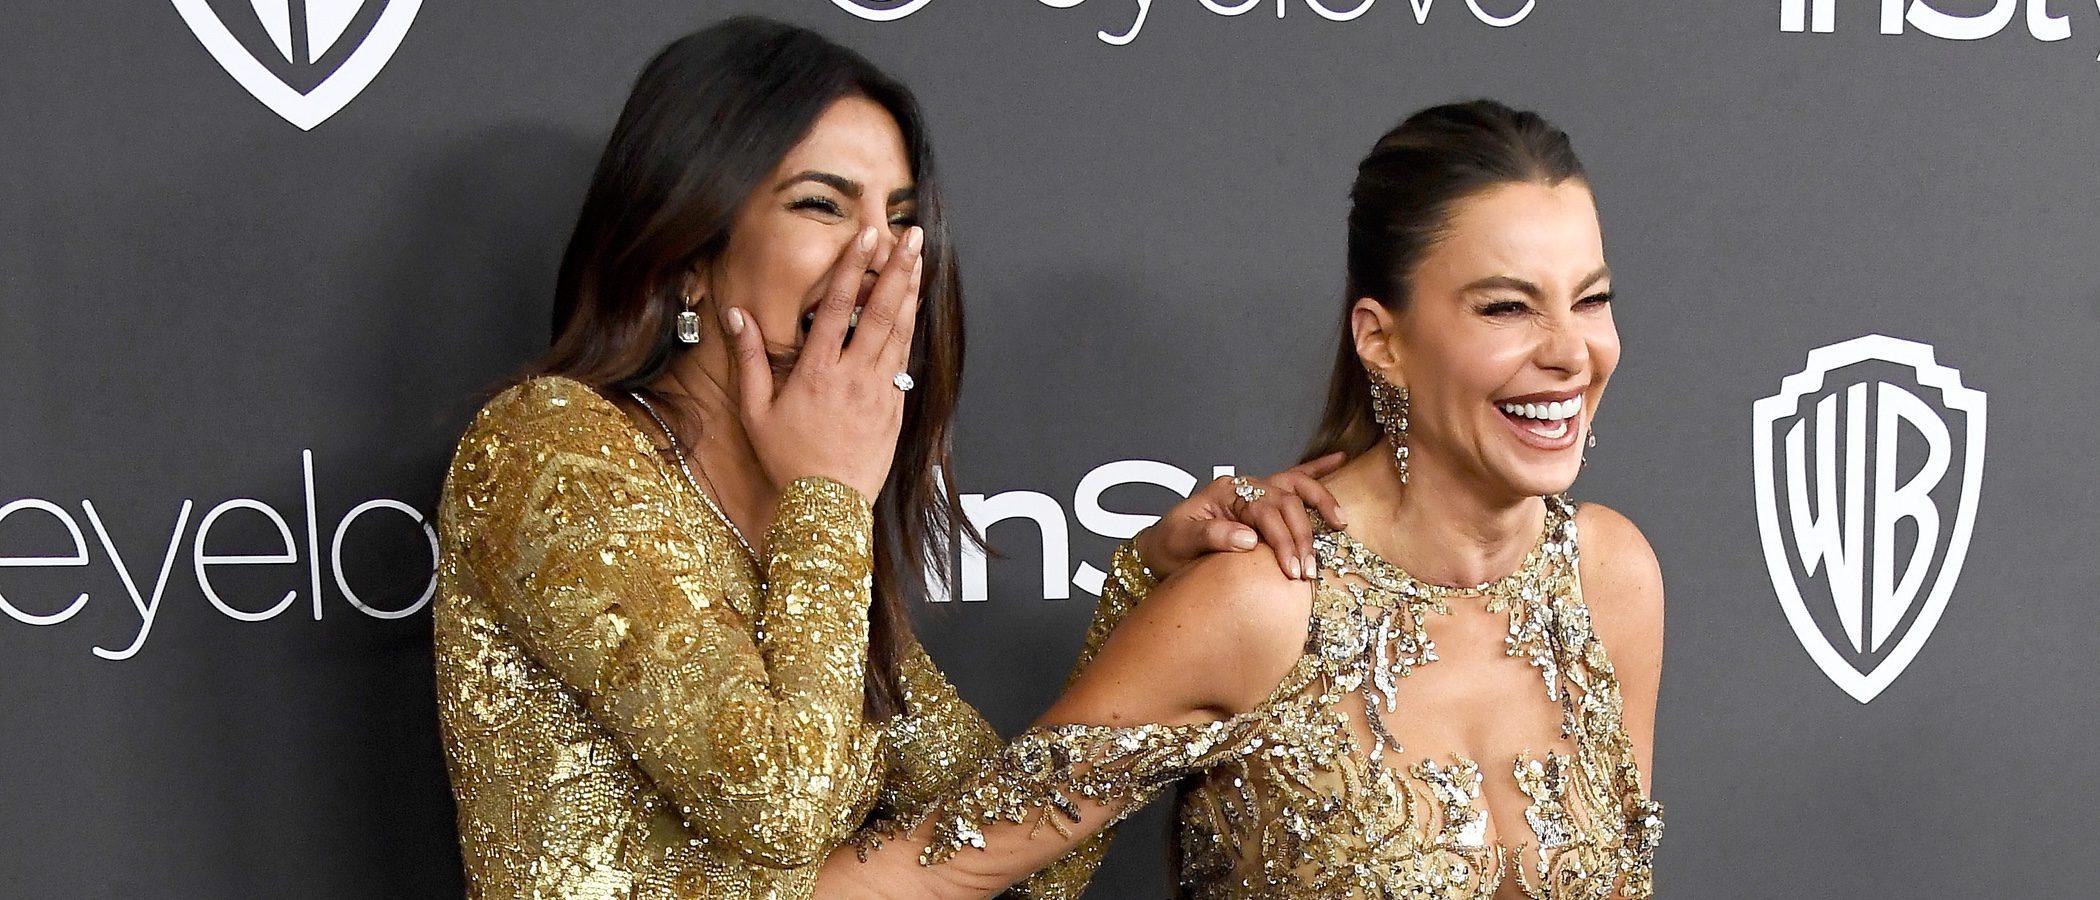 Sofía Vergara y Priyanka Chopra con un vestido similar en los Globos de Oro 2017, ¿qué look es el ganador?